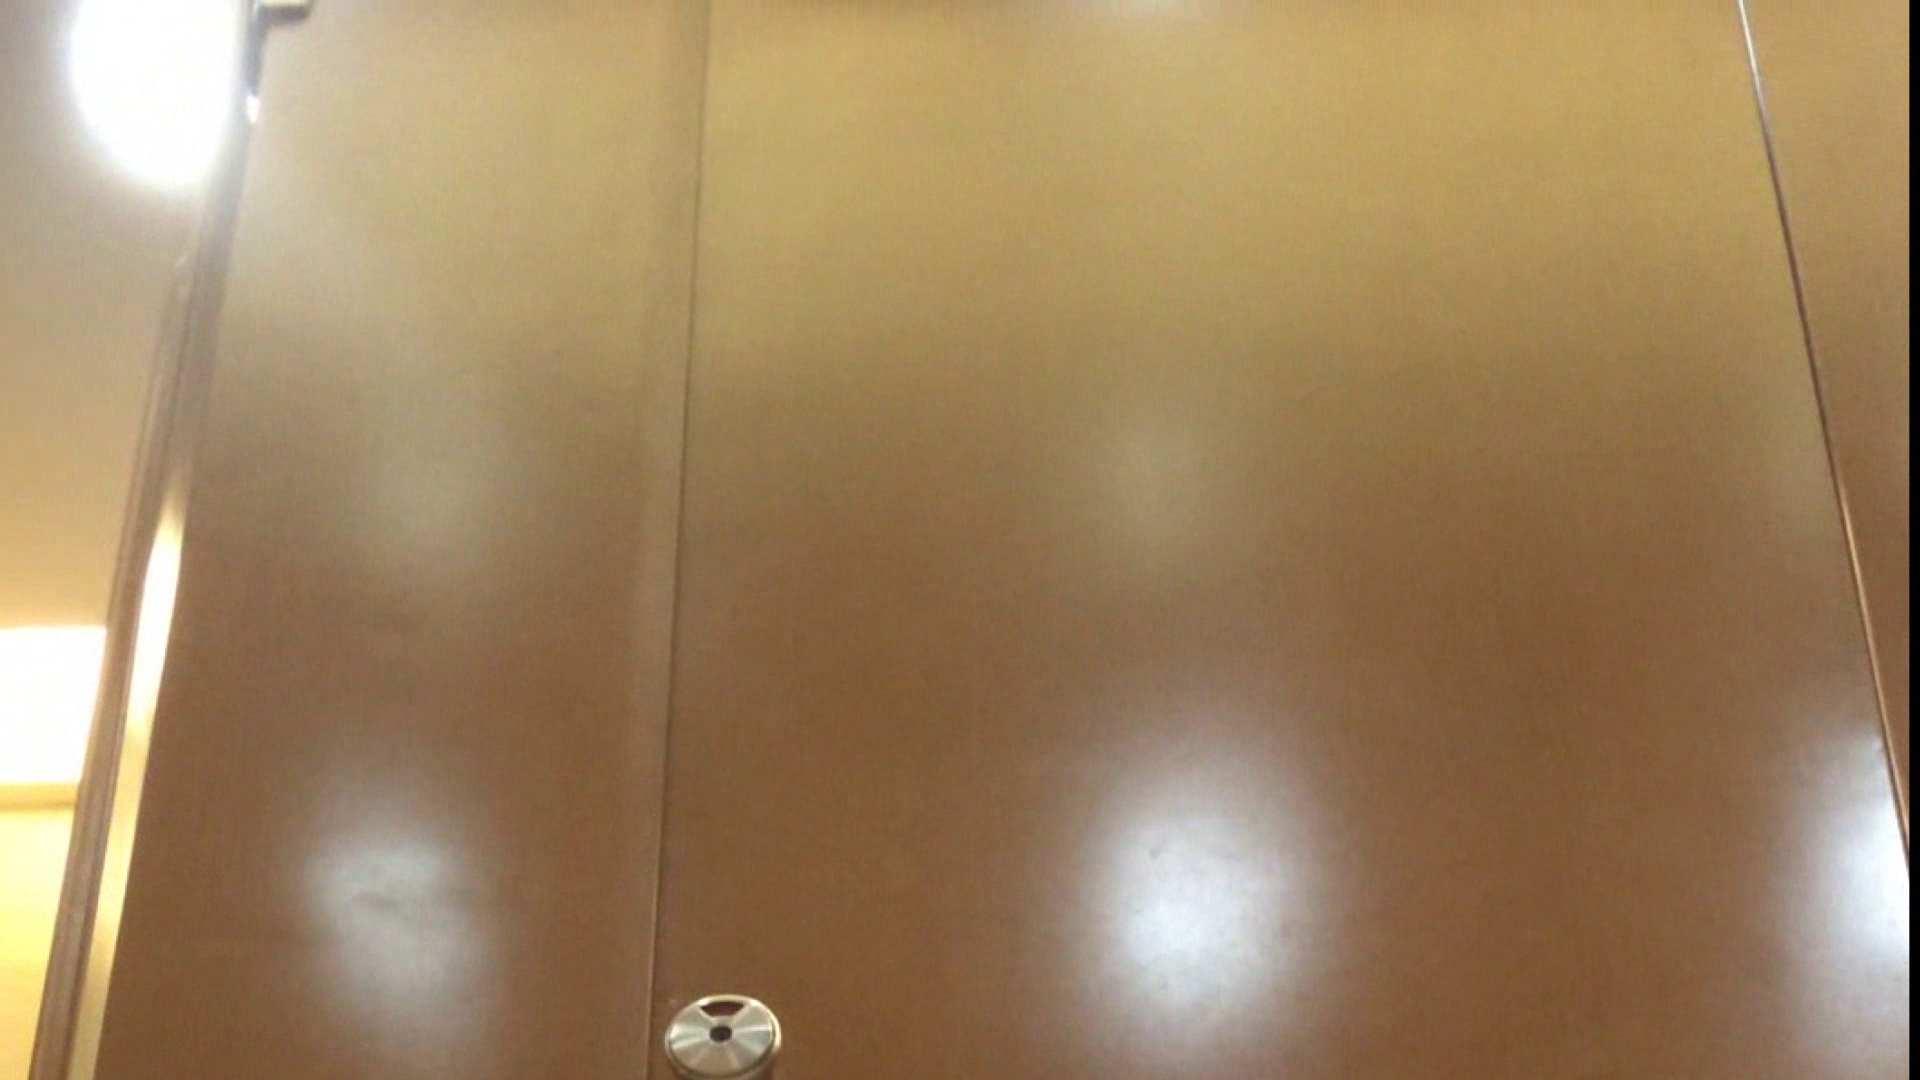 「噂」の国の厠観察日記2 Vol.01 人気シリーズ えろ無修正画像 102pic 17